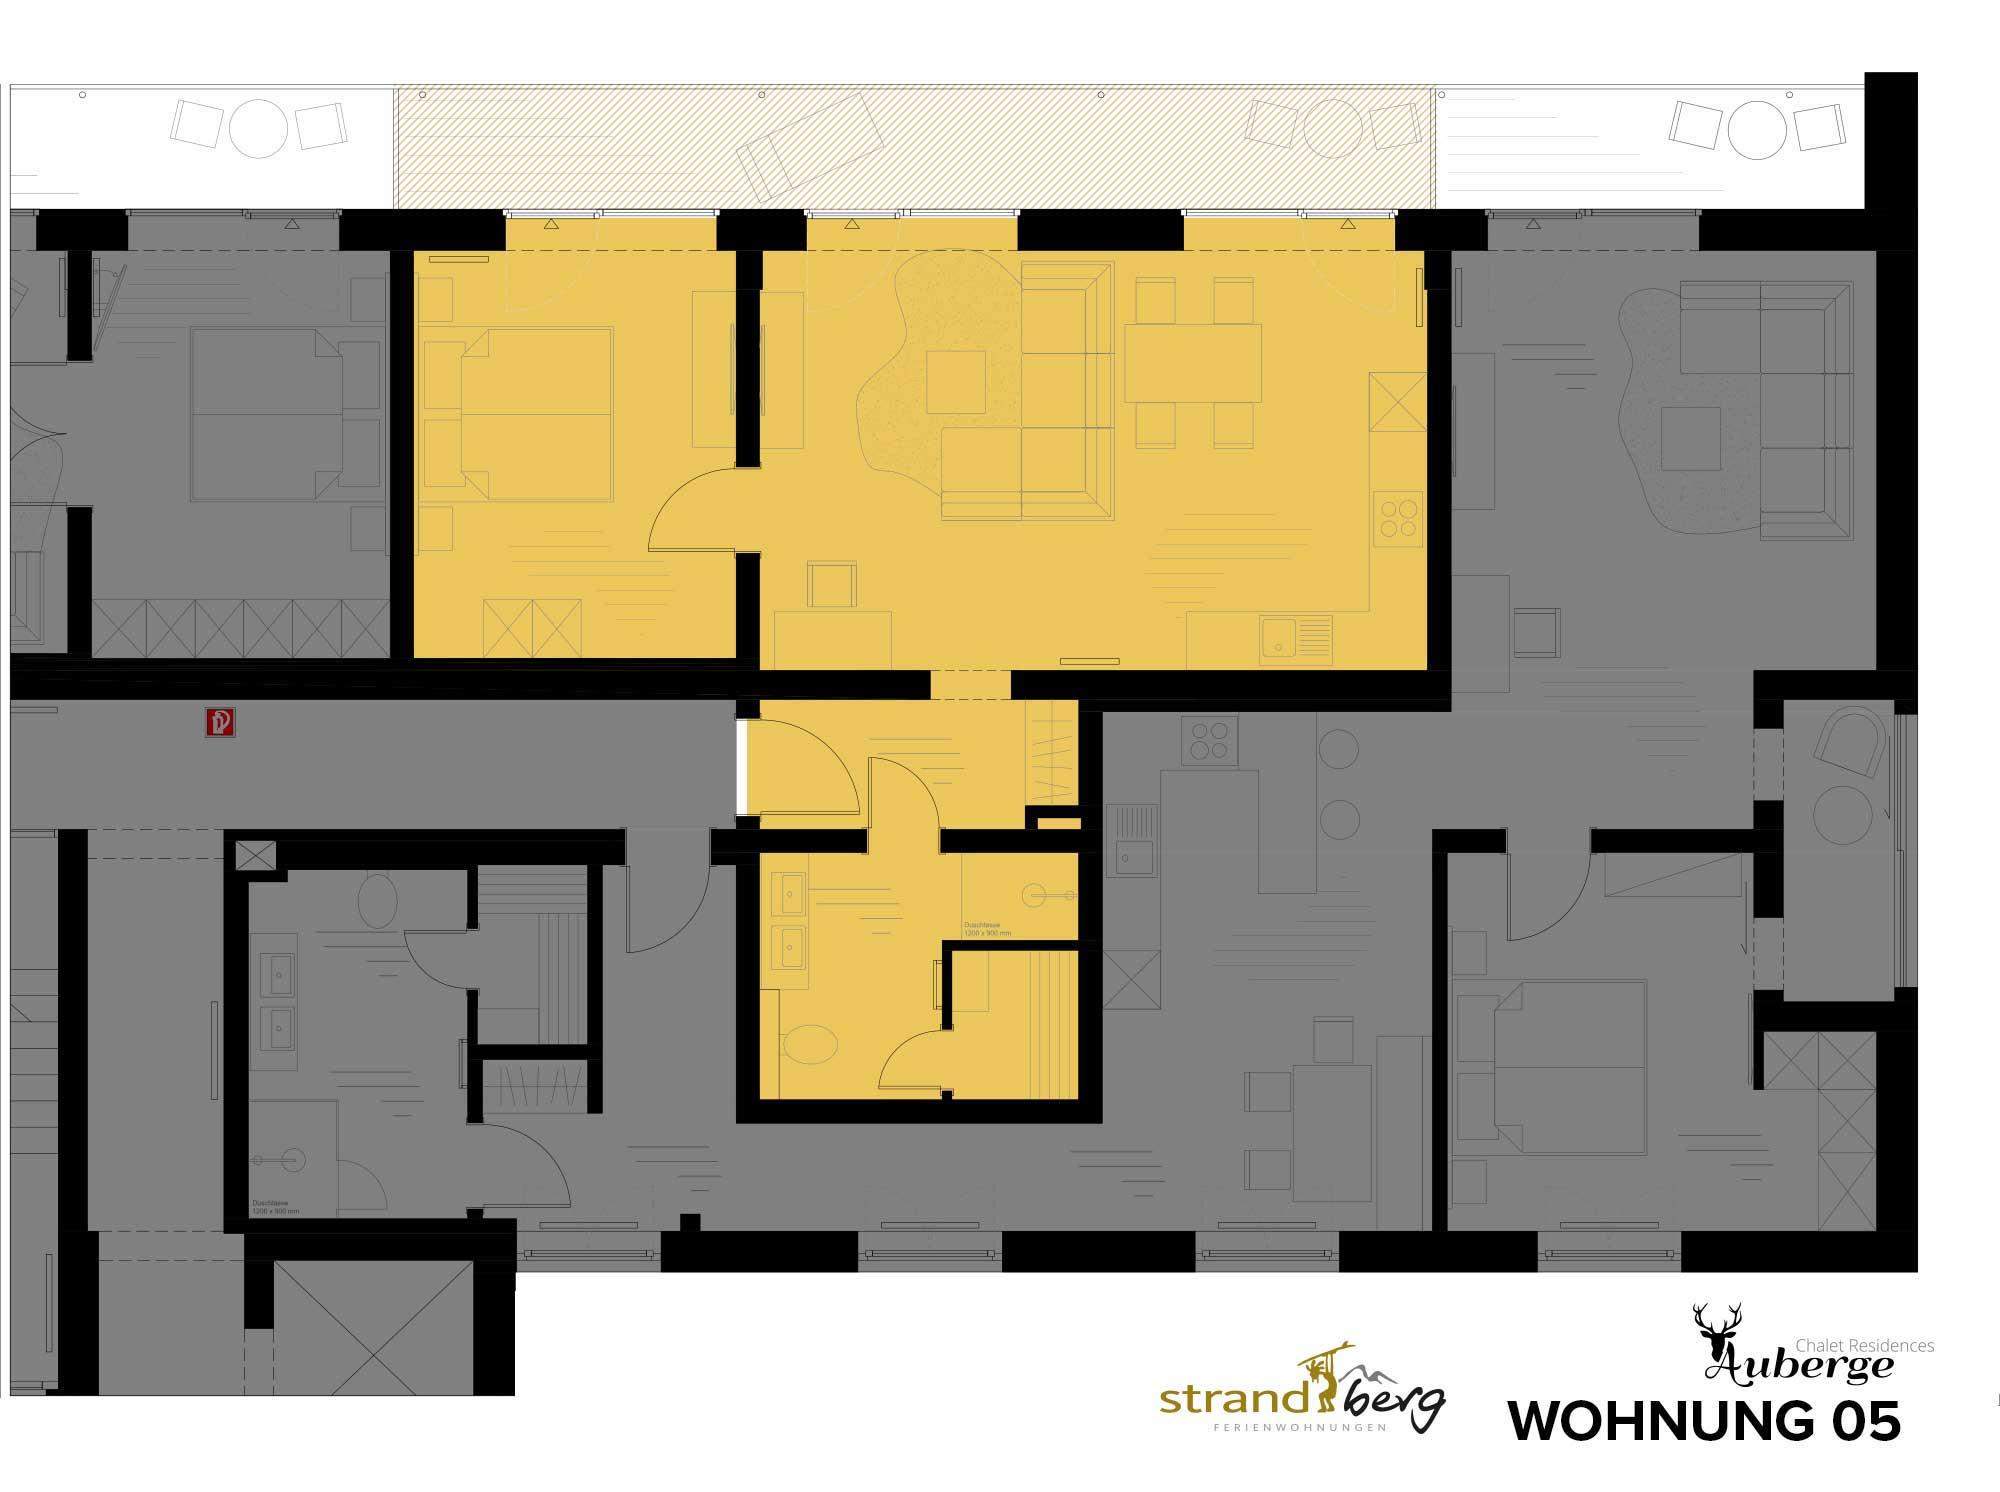 Wohnung 05 Grundriss